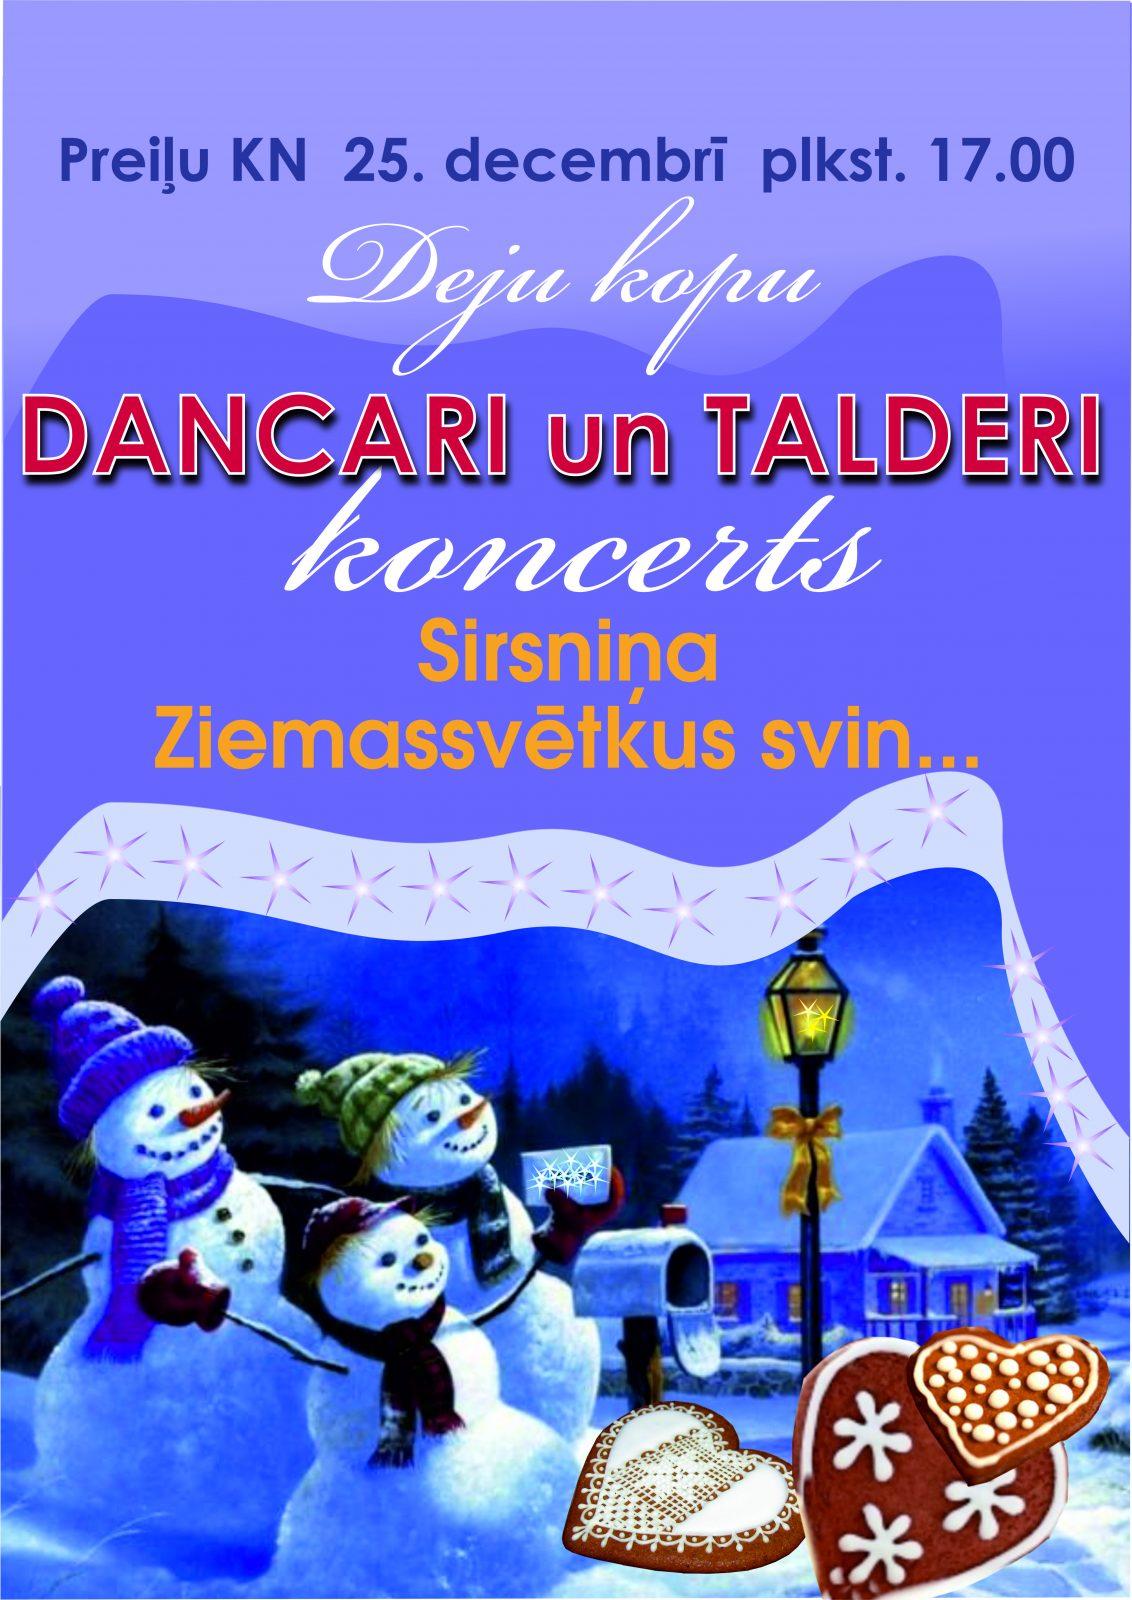 """Deju kopu """"DANCARI"""" un """"TALDERI"""" Ziemassvētku koncerts"""